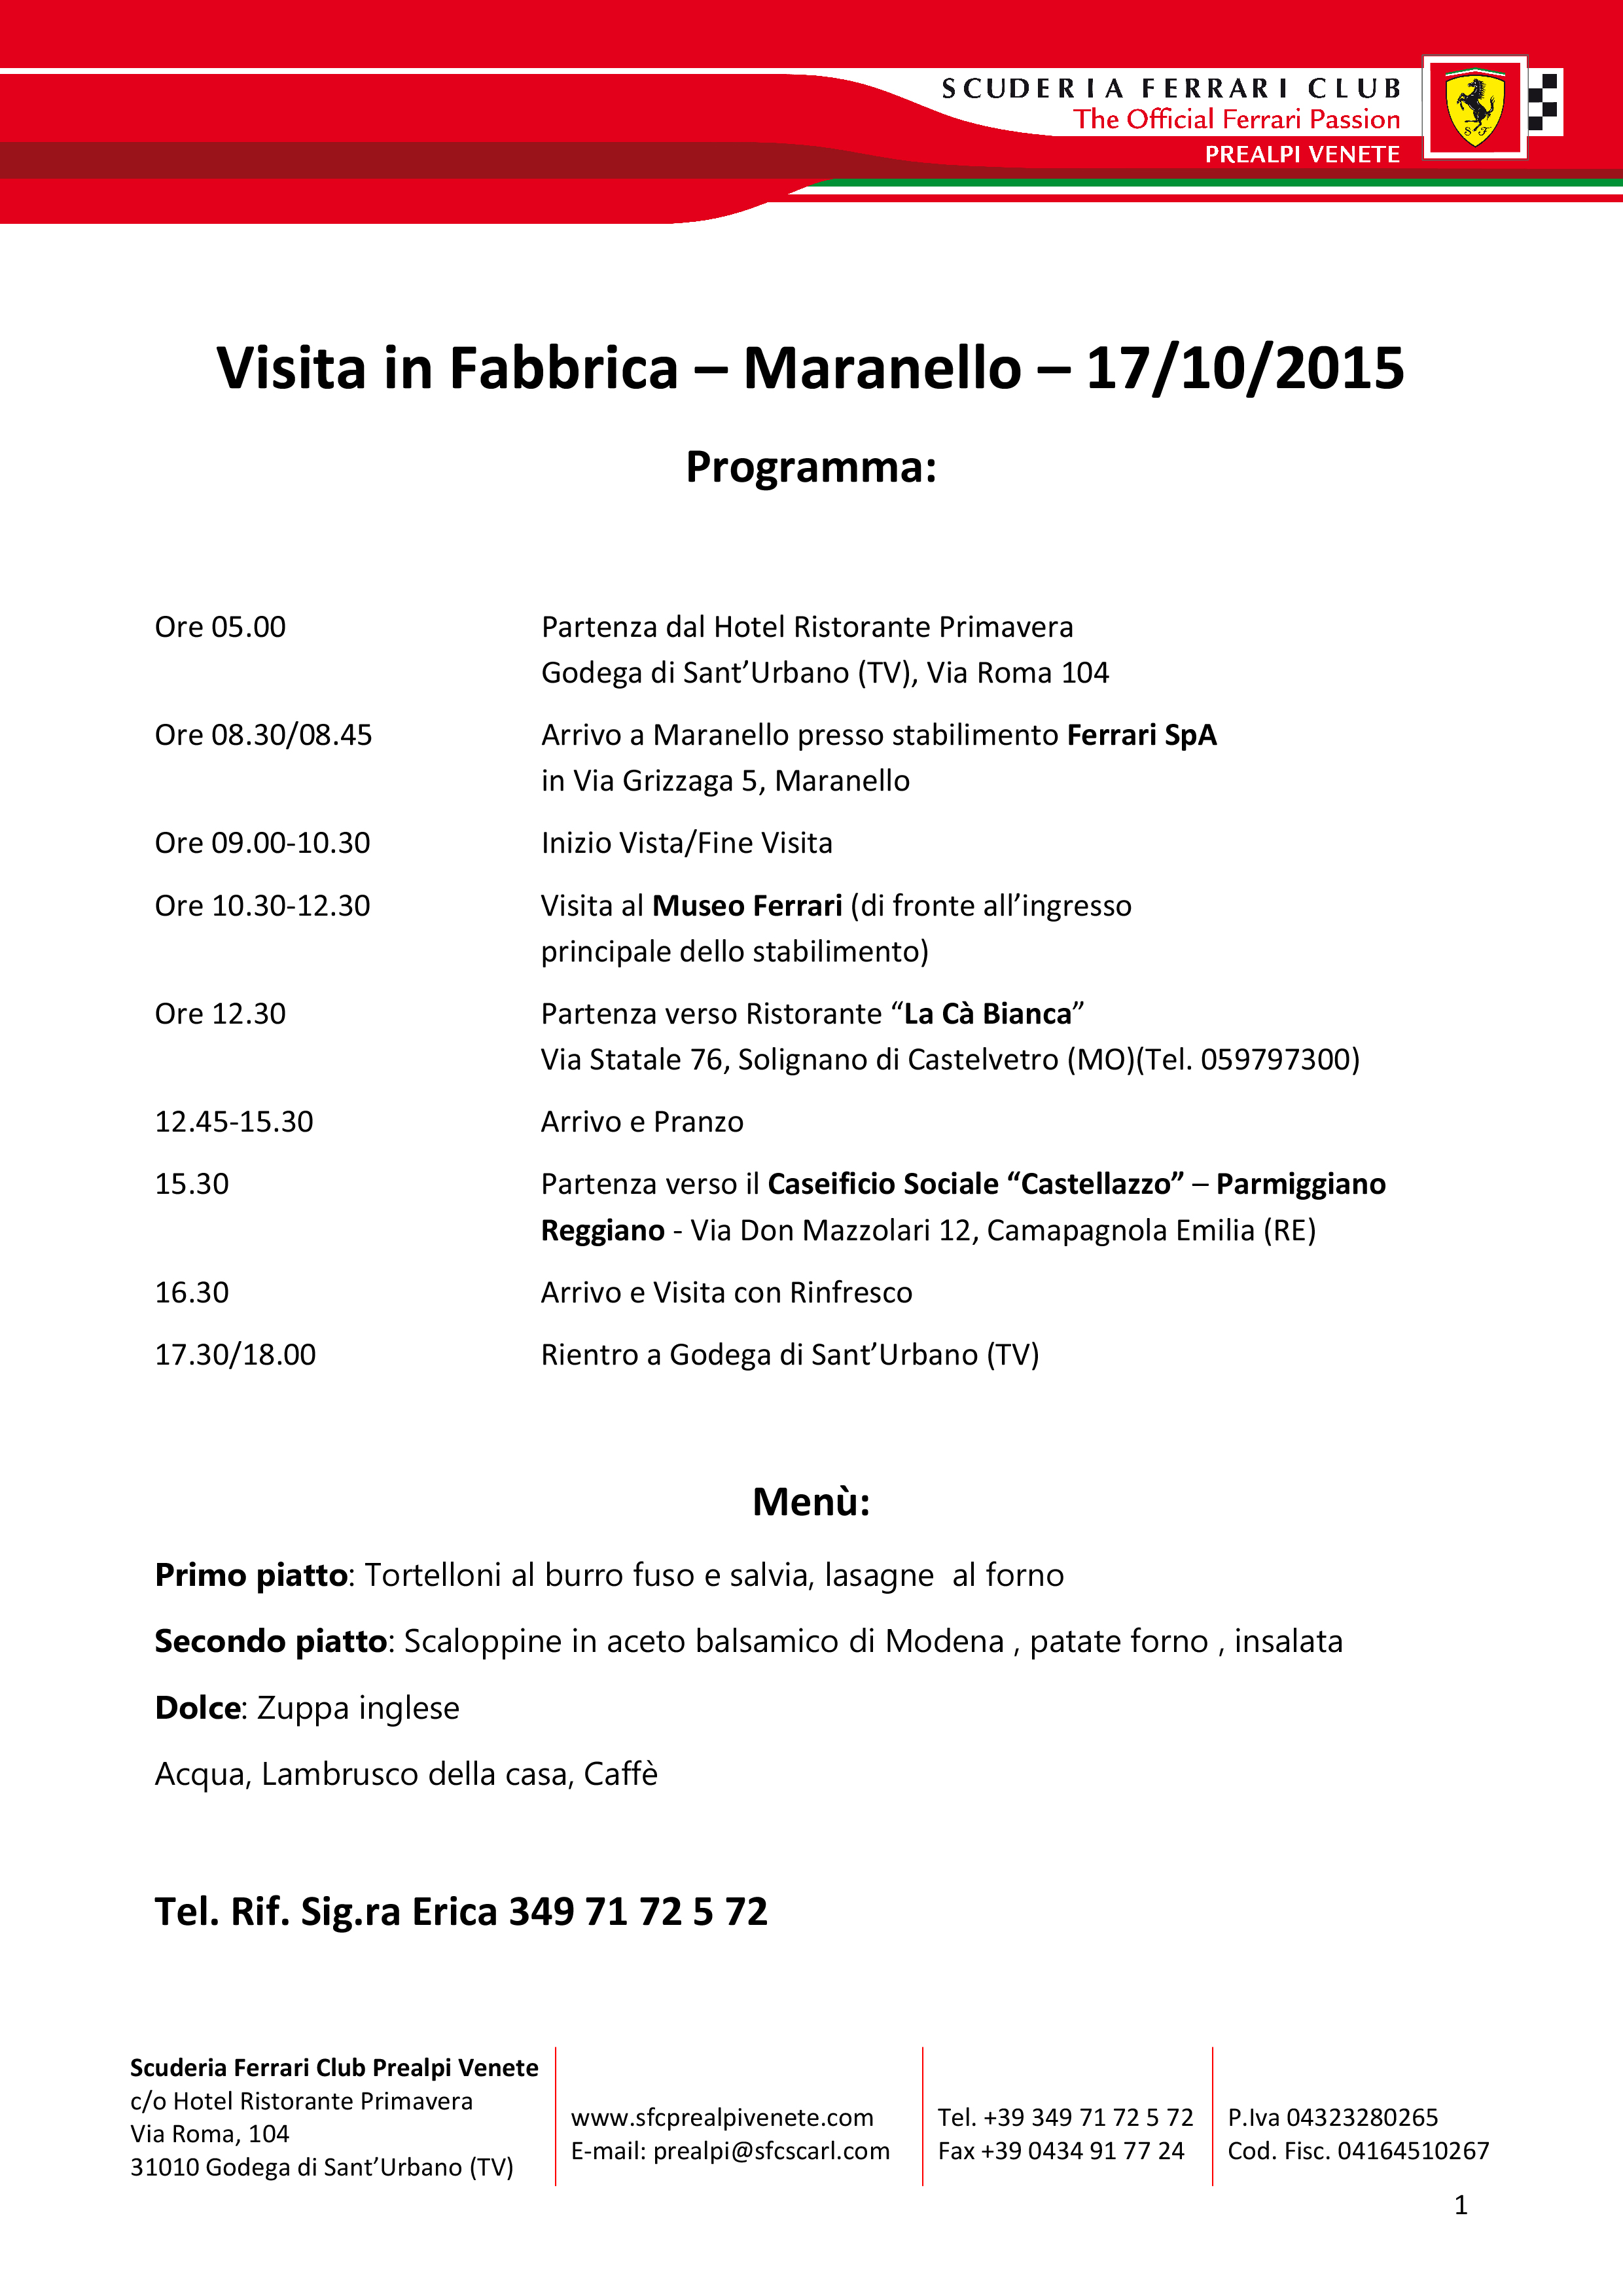 VisitaFabbrica2015